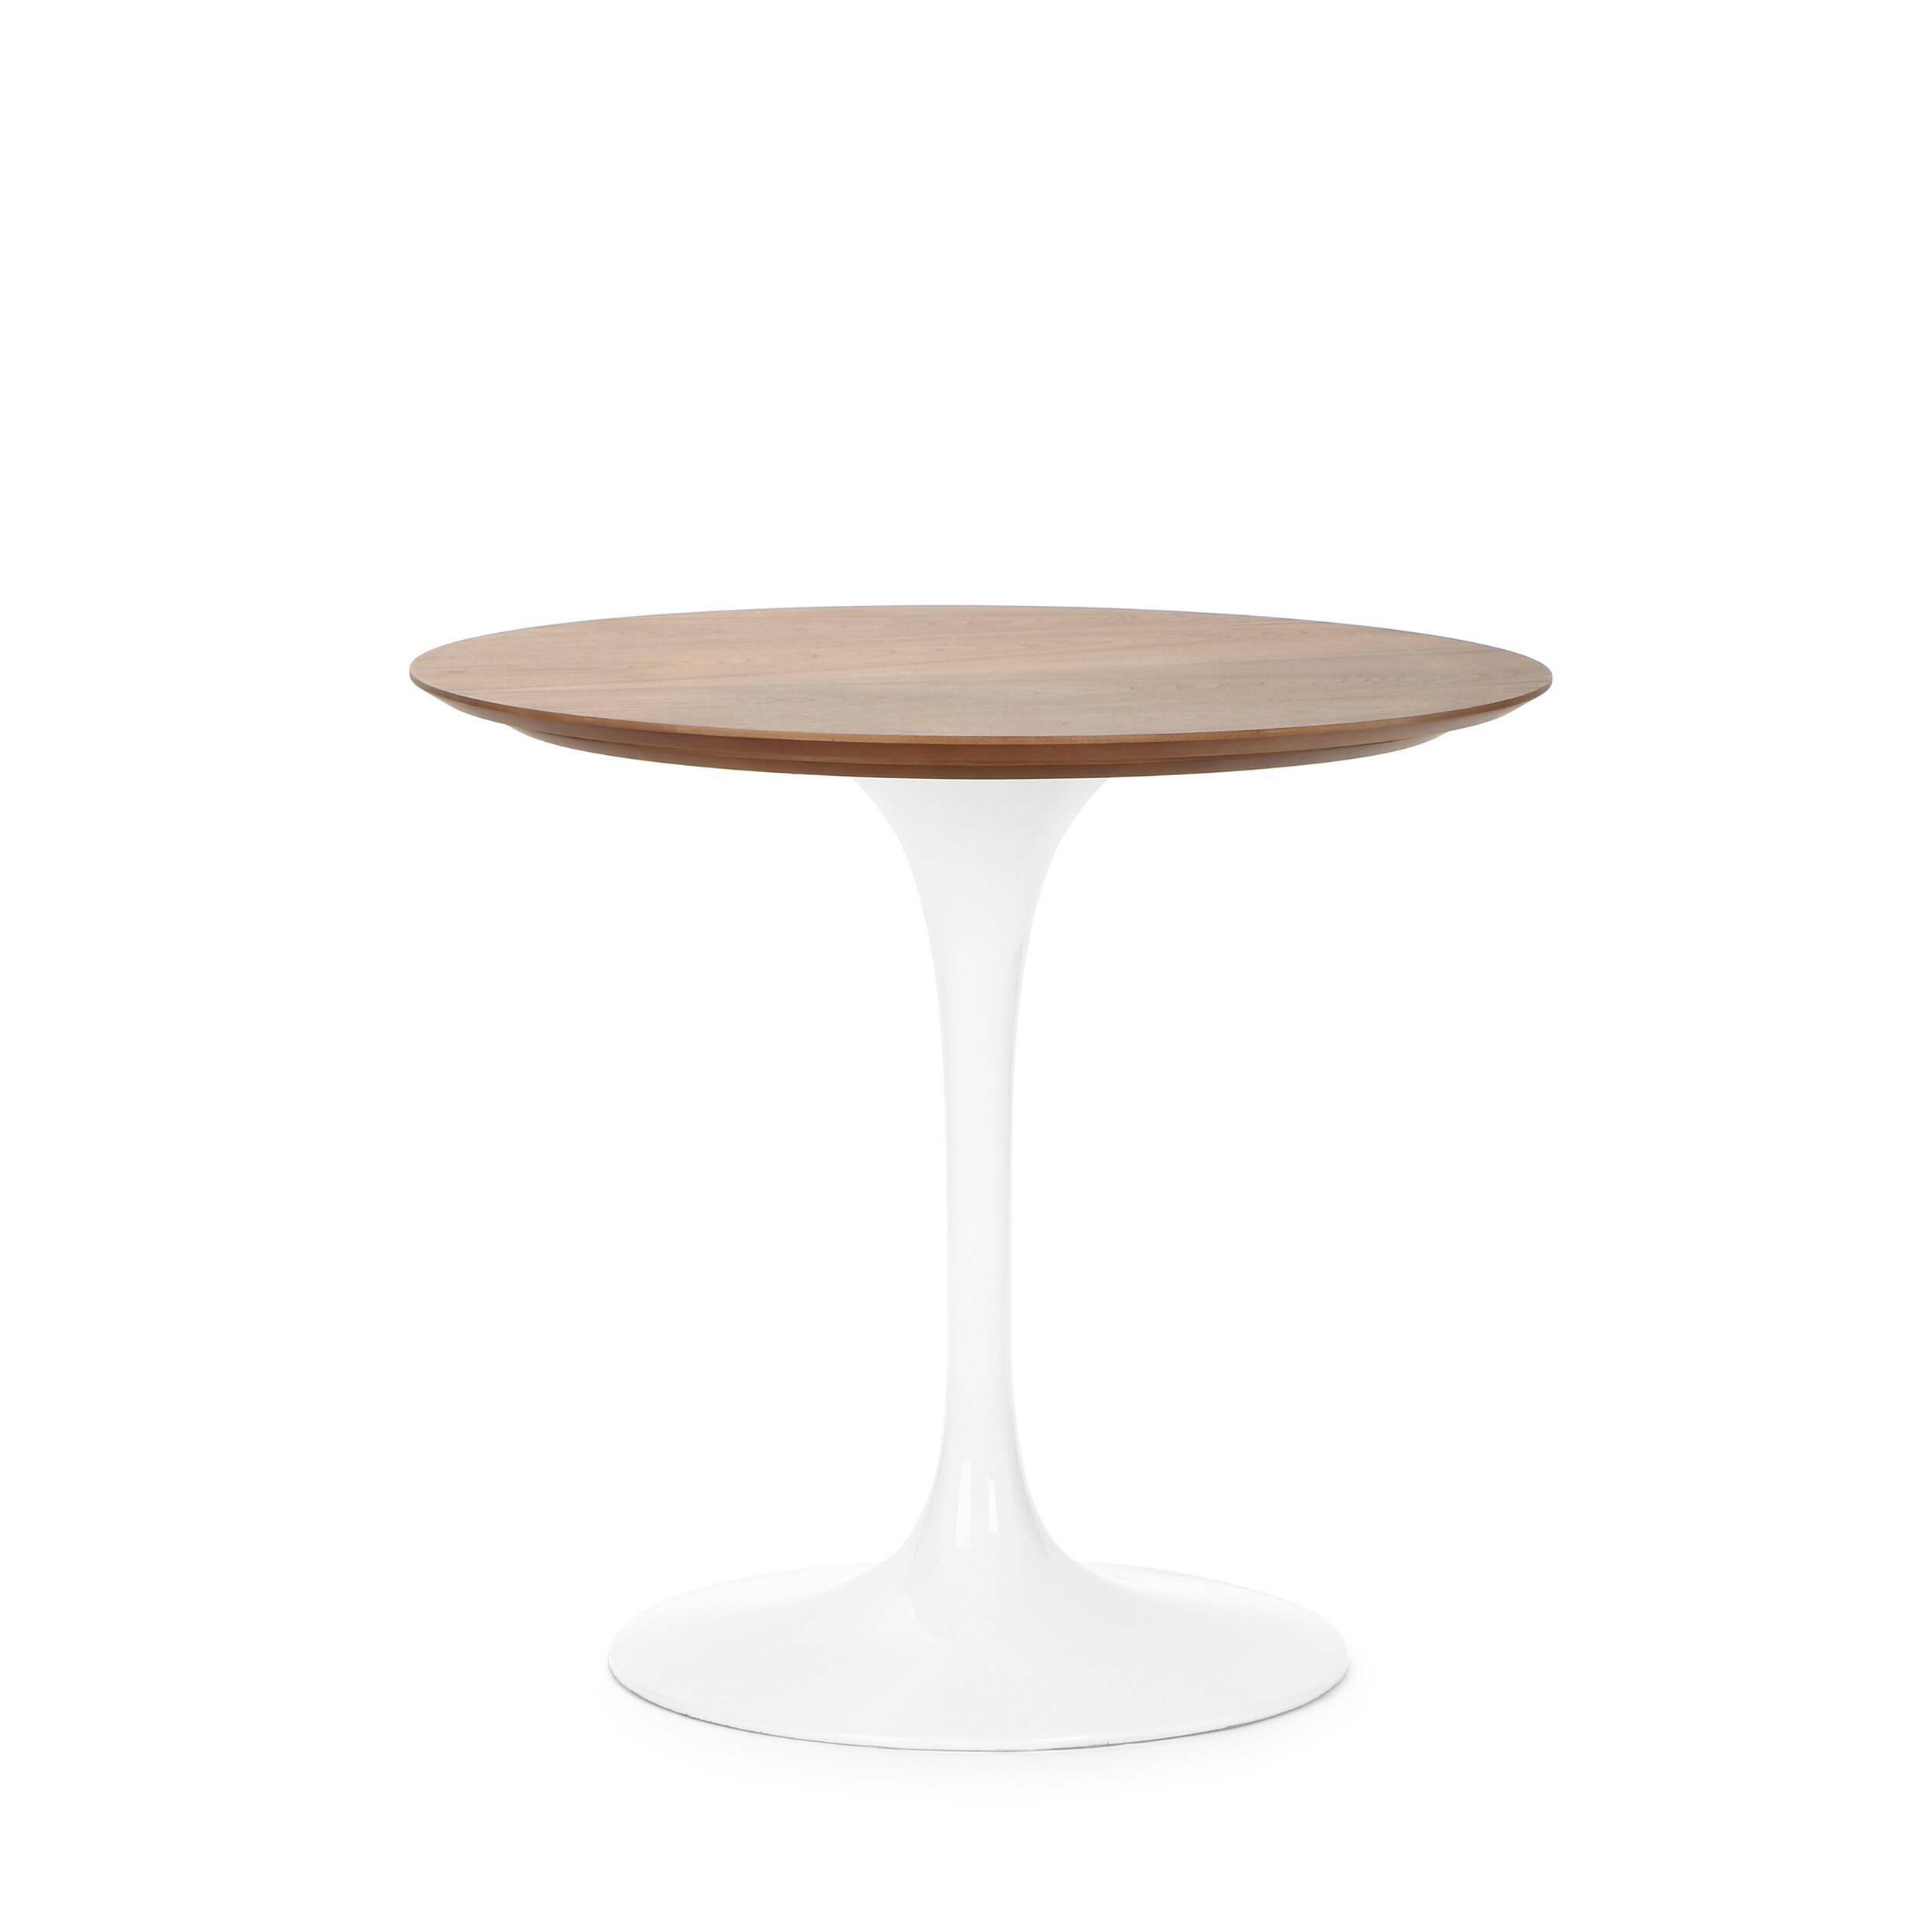 Обеденный стол Tulip с деревянной столешницей диаметр 80 обеденный стол tulip с деревянной столешницей диаметр 122